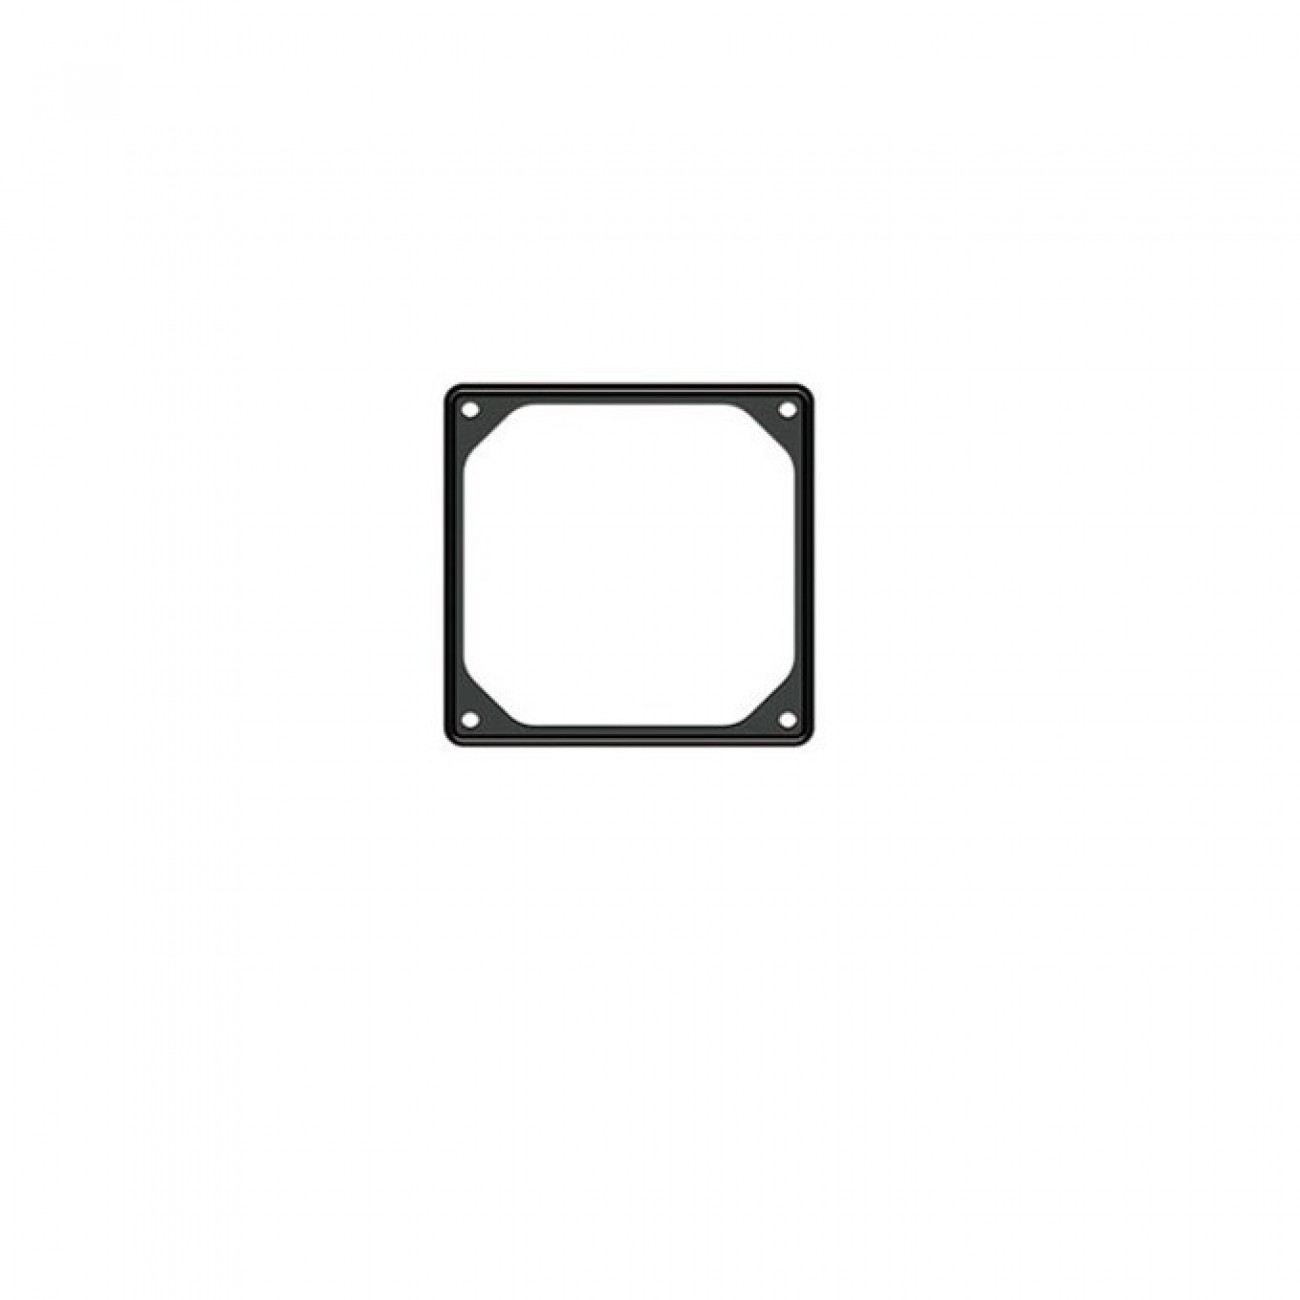 Уплътнение за вентилатор за PC, DeepCool BUFFER P92 в Вентилатори / Охладители -  | Alleop